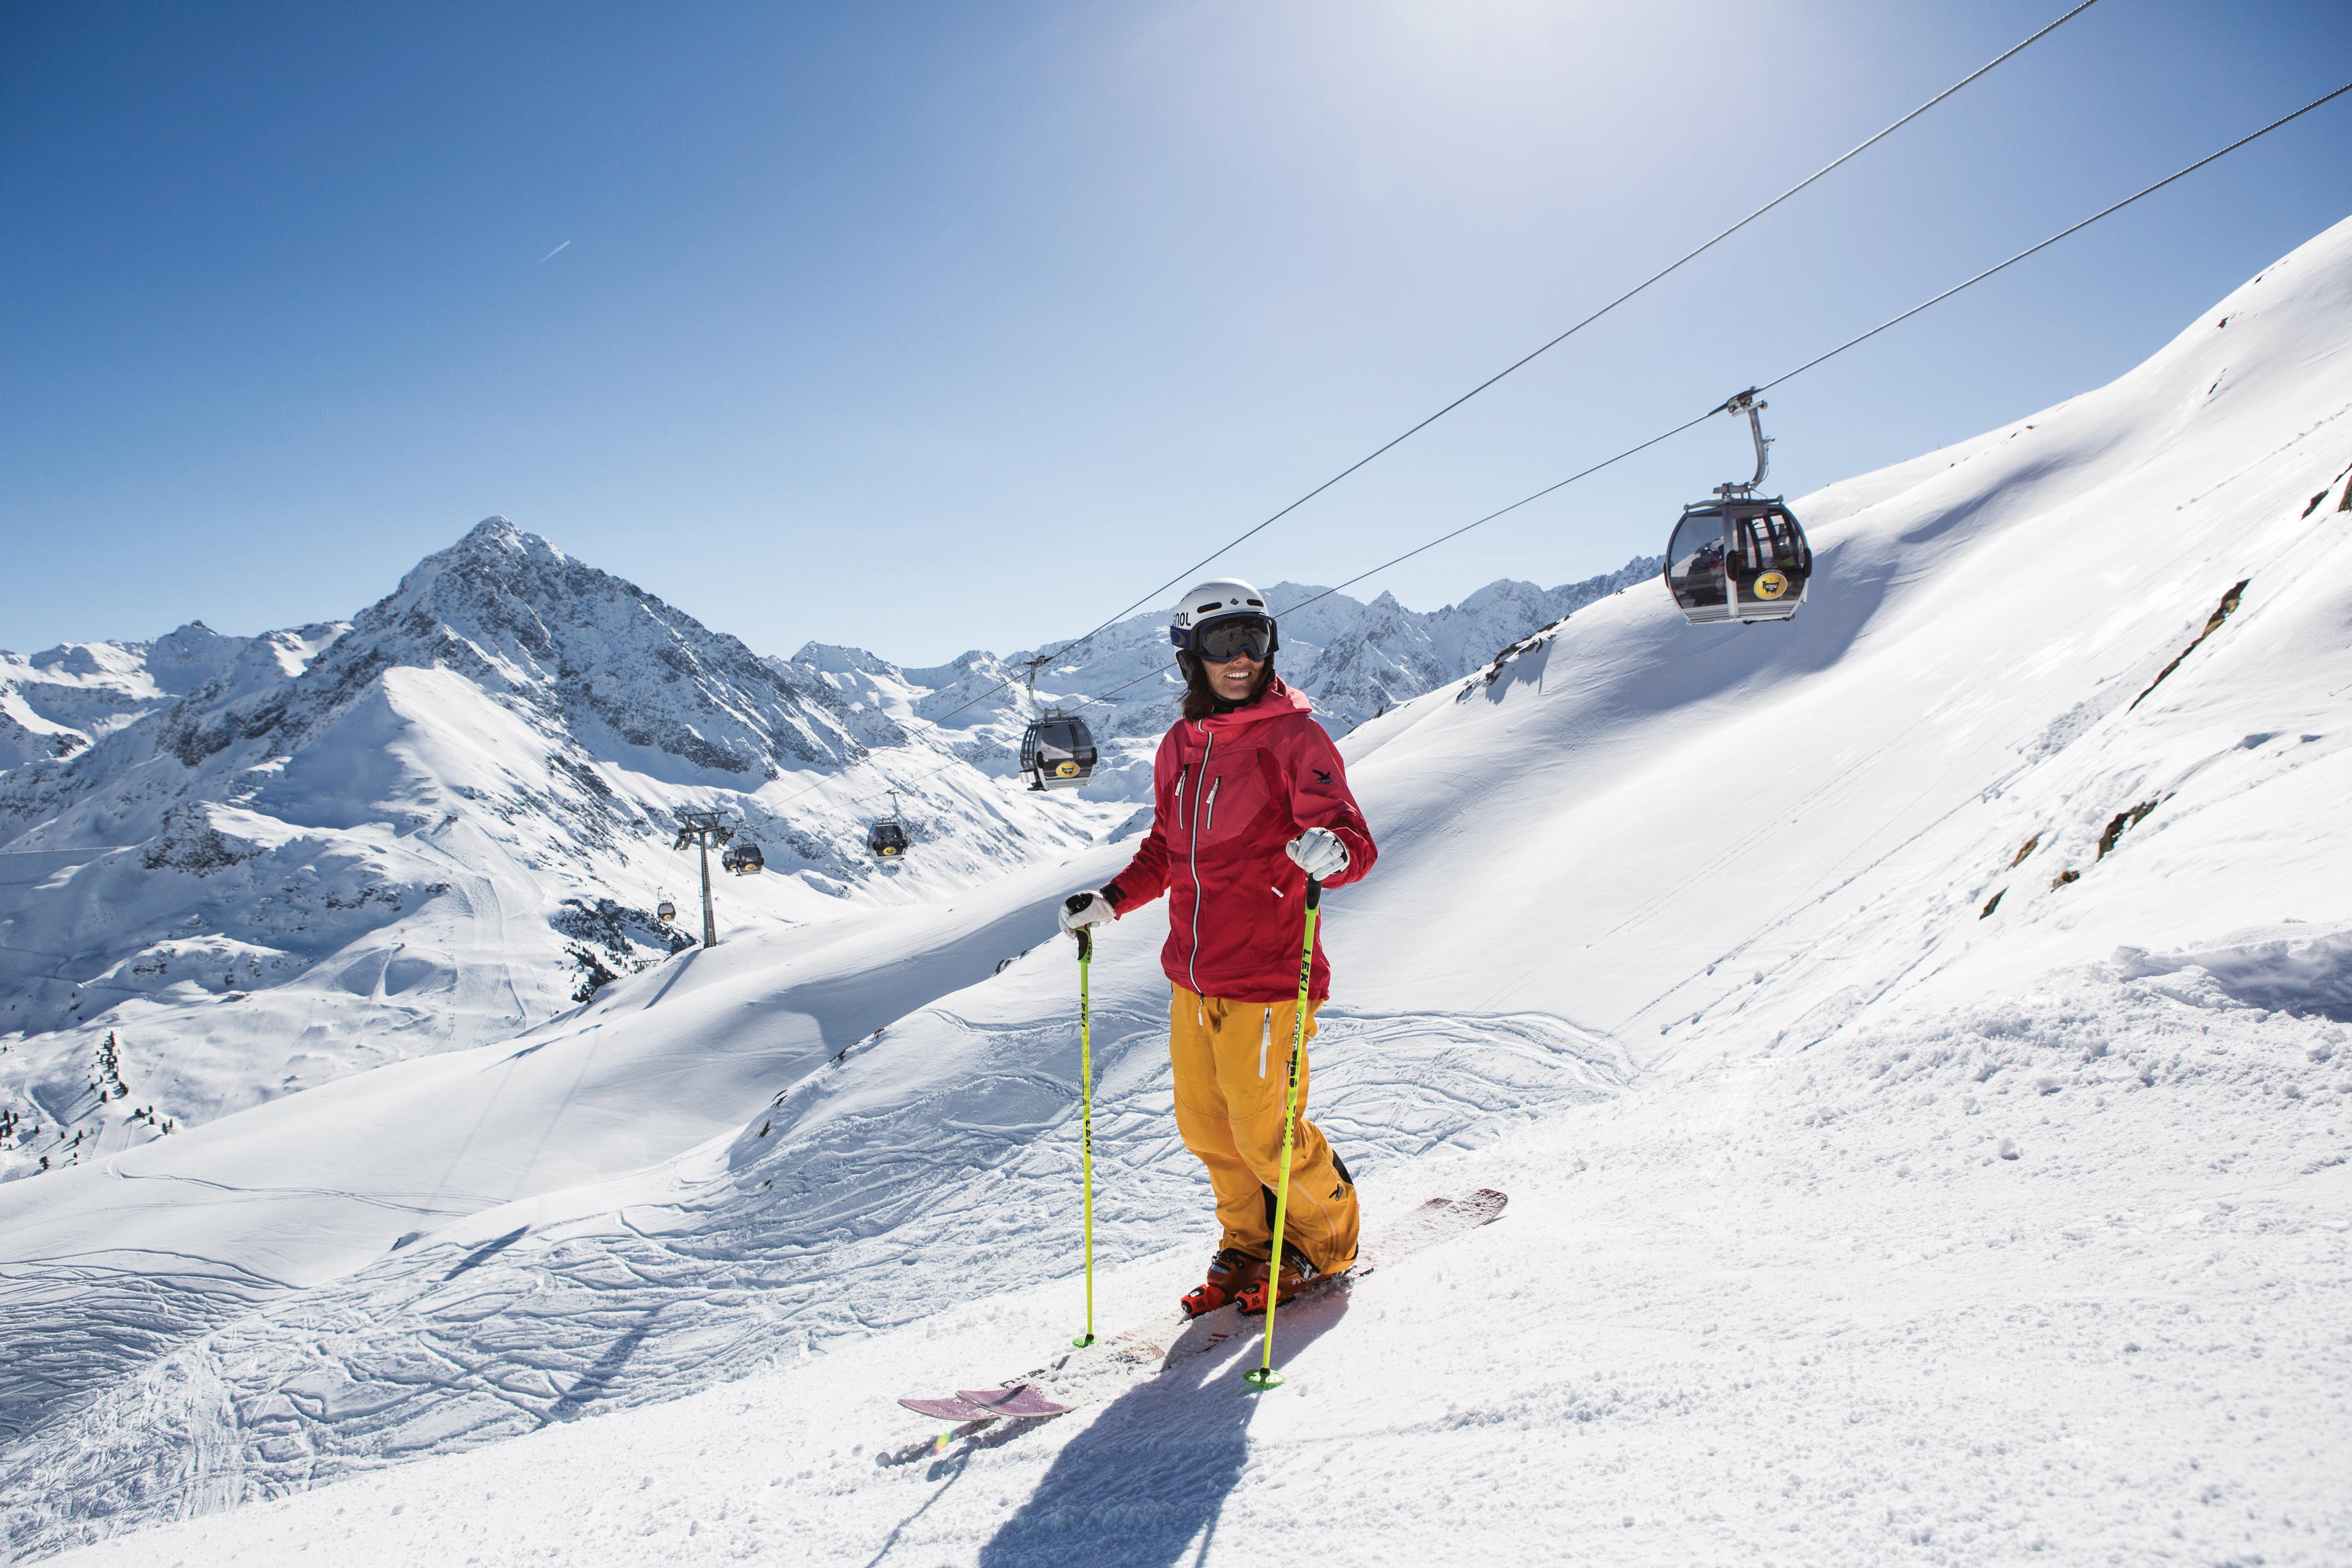 Sonnenskilauf und urbanes Flair mit dem Ski plus City Pass Stubai Innsbruck